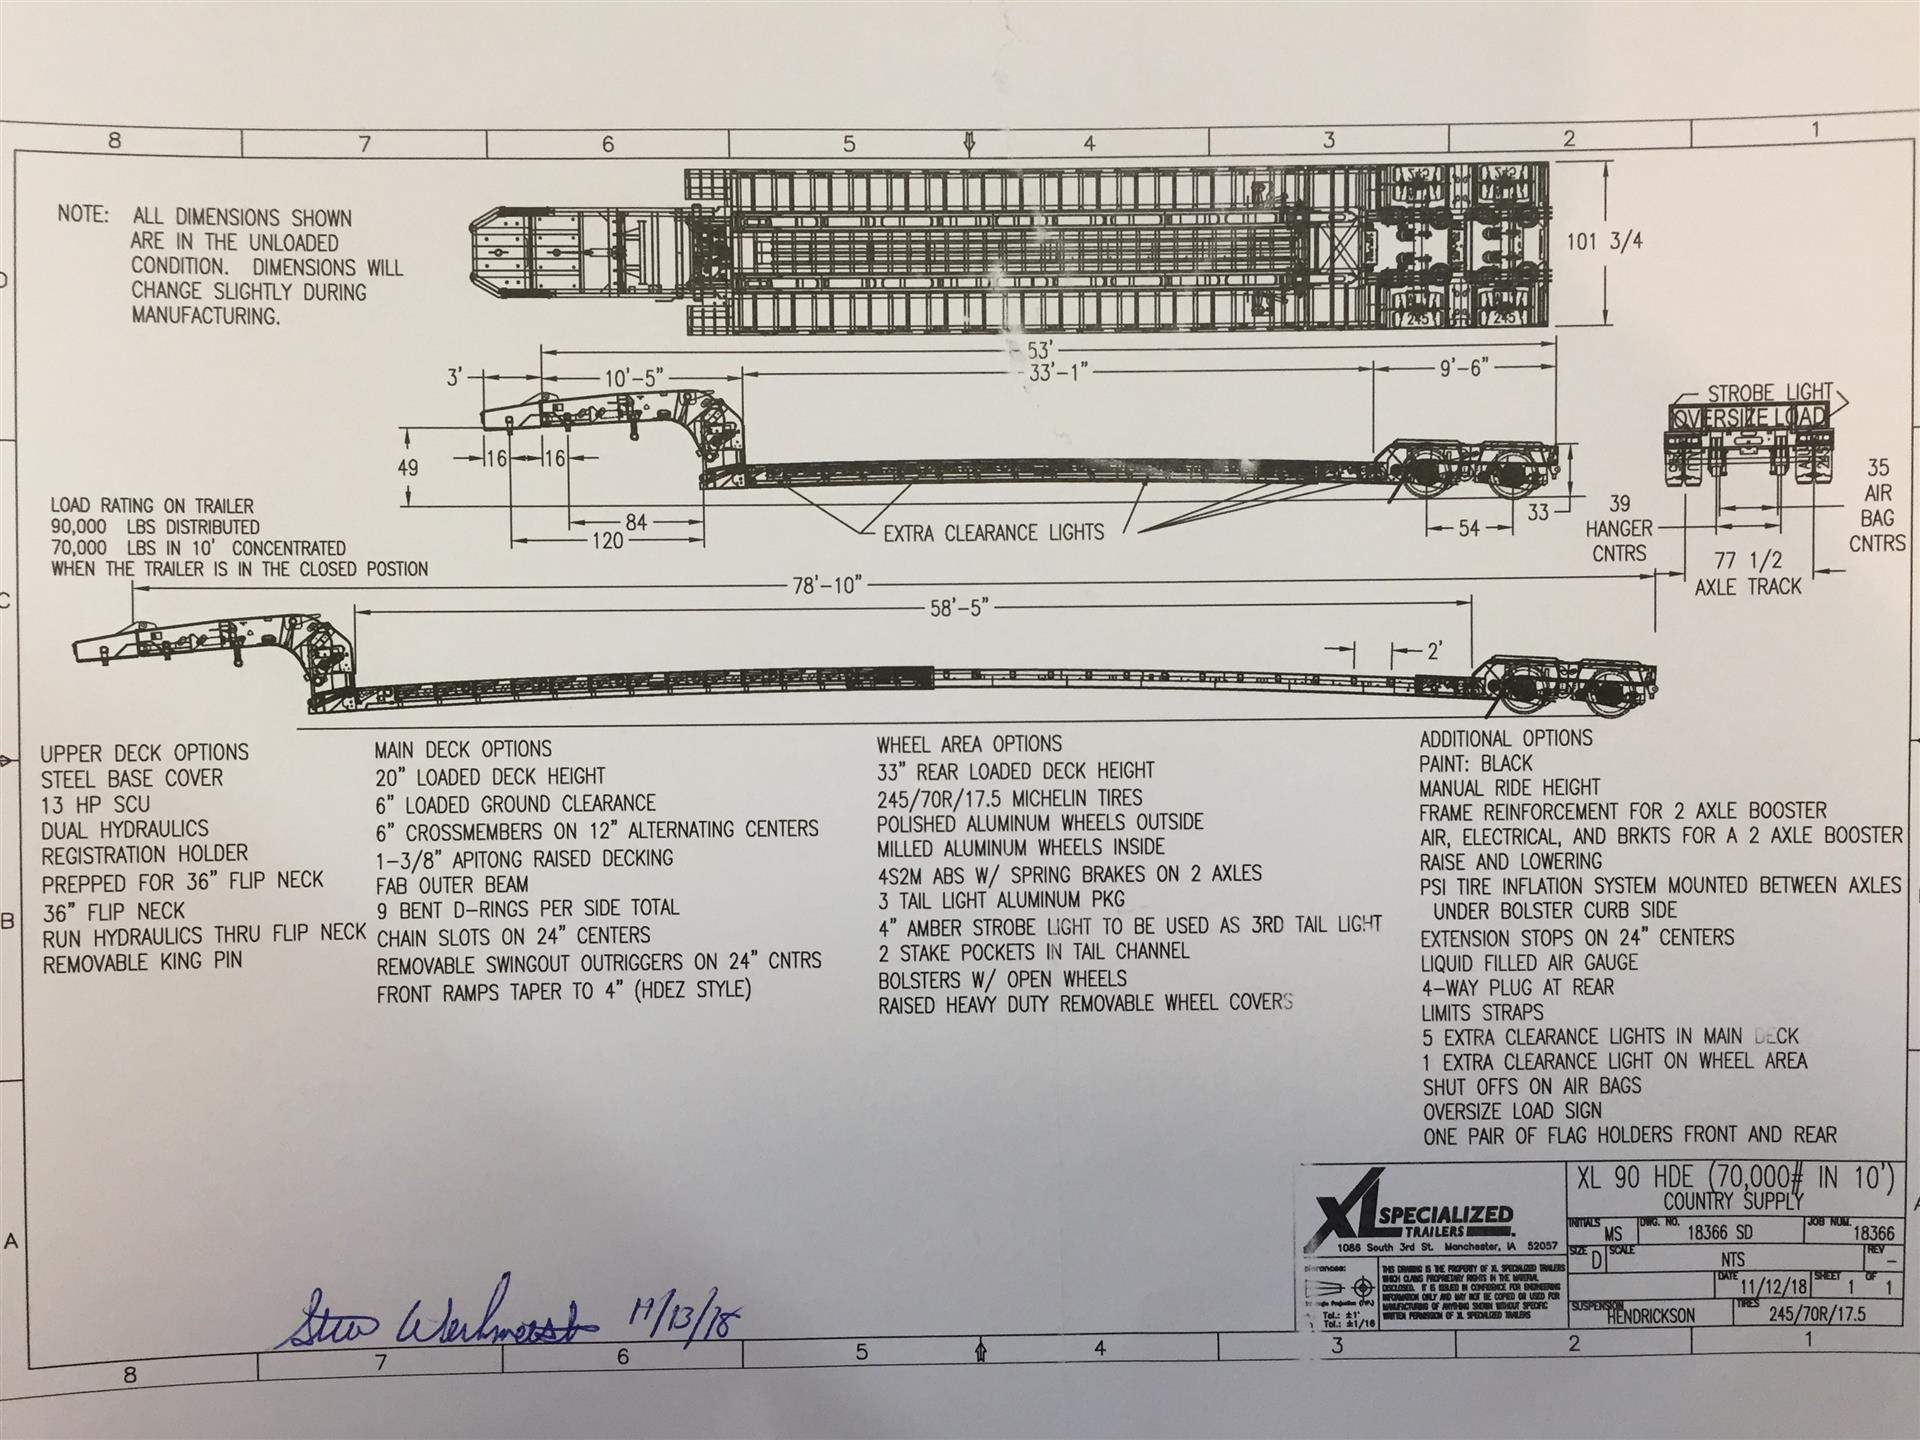 2020 XL Specialized XL90HDE